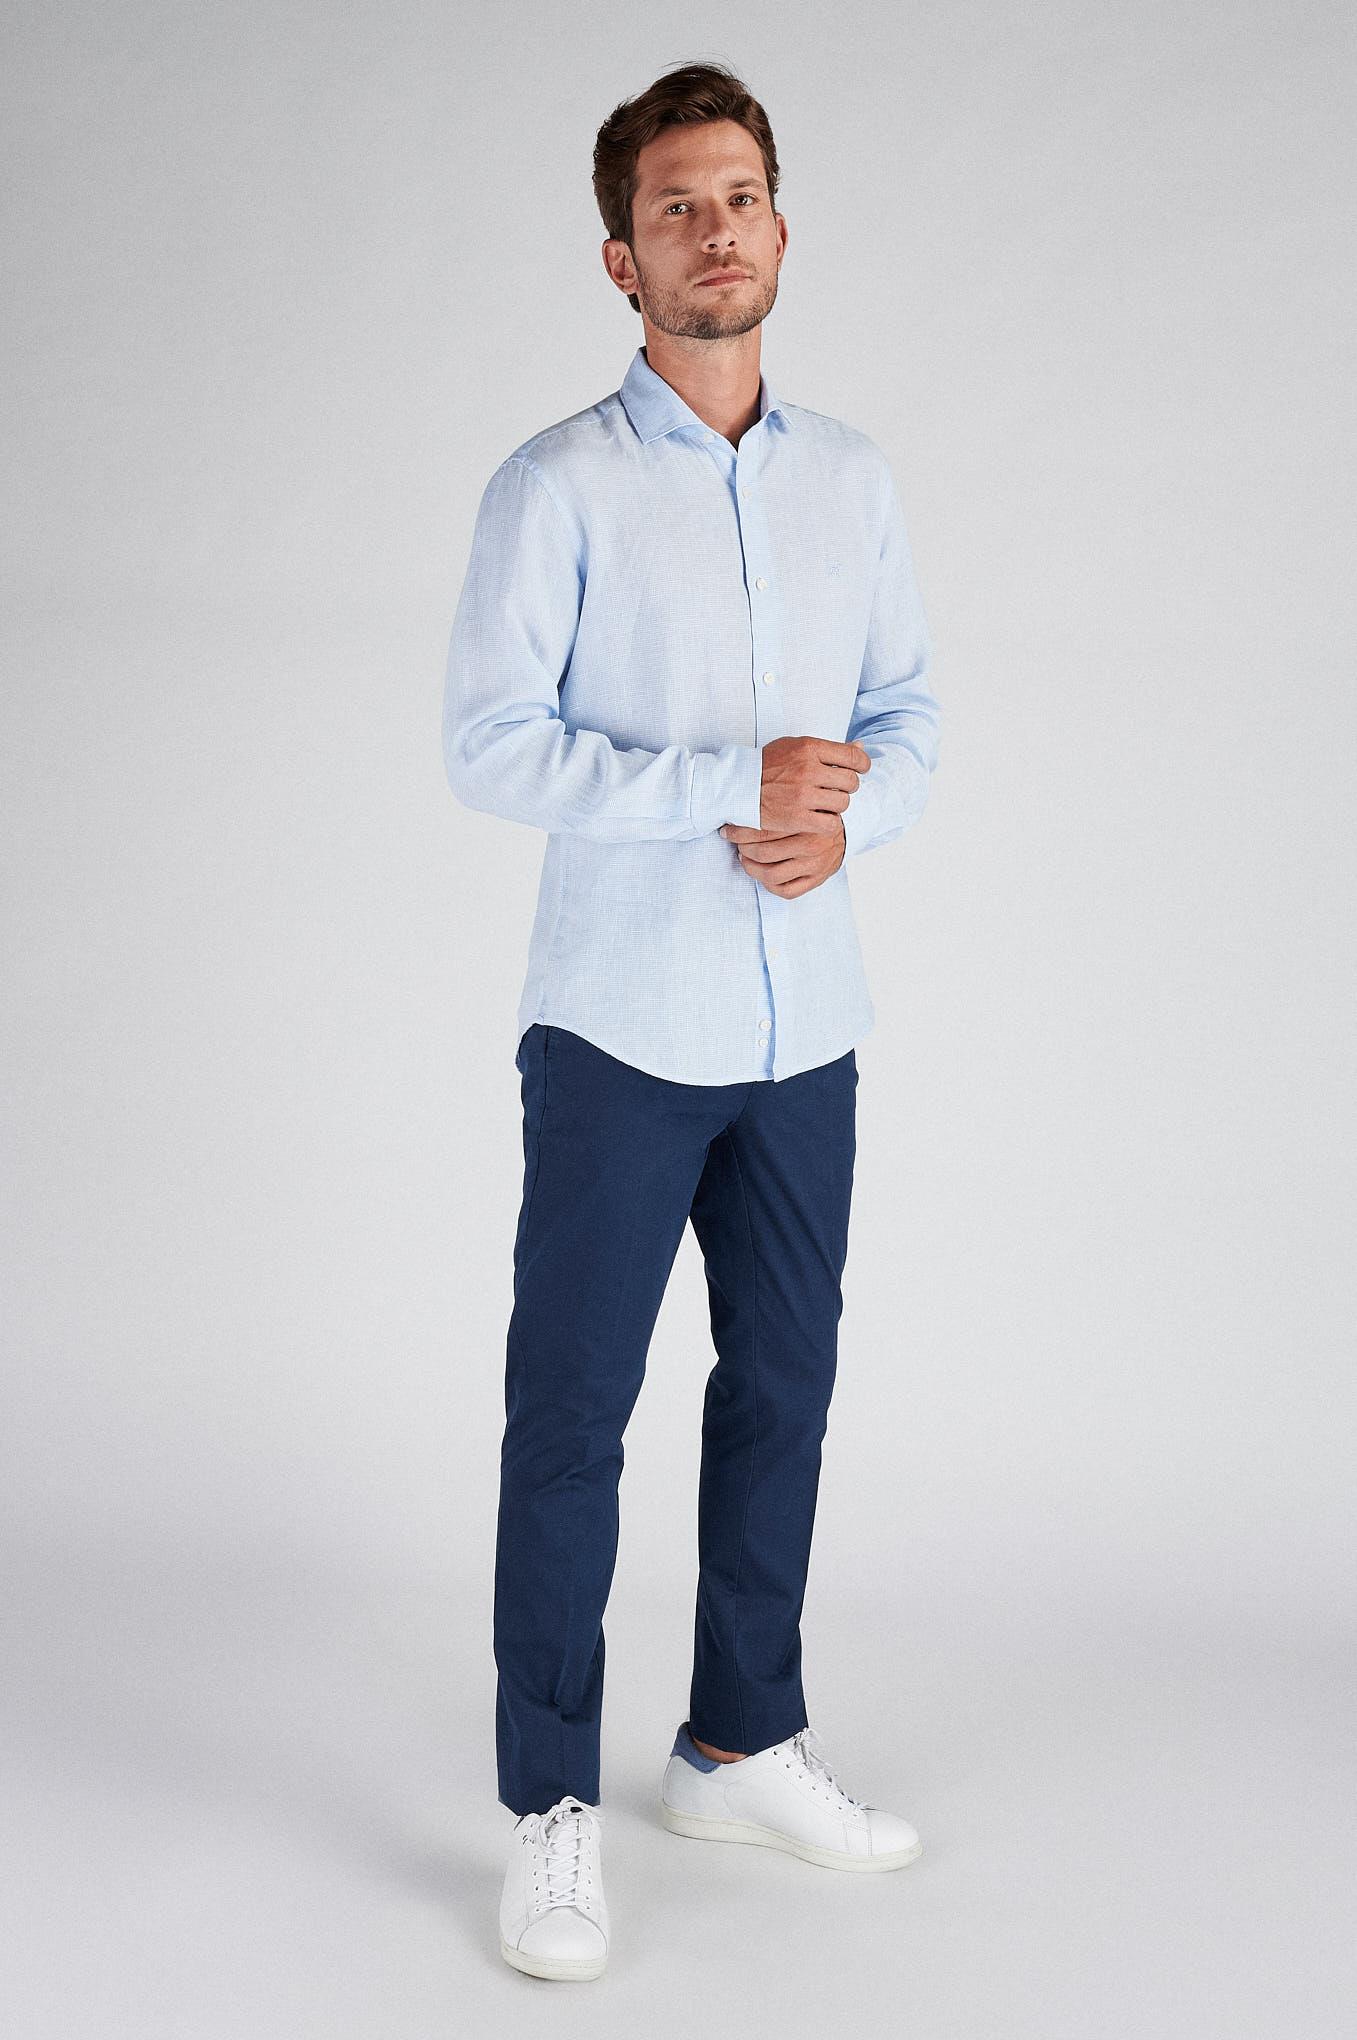 Camisa Azul Claro Casual Homem